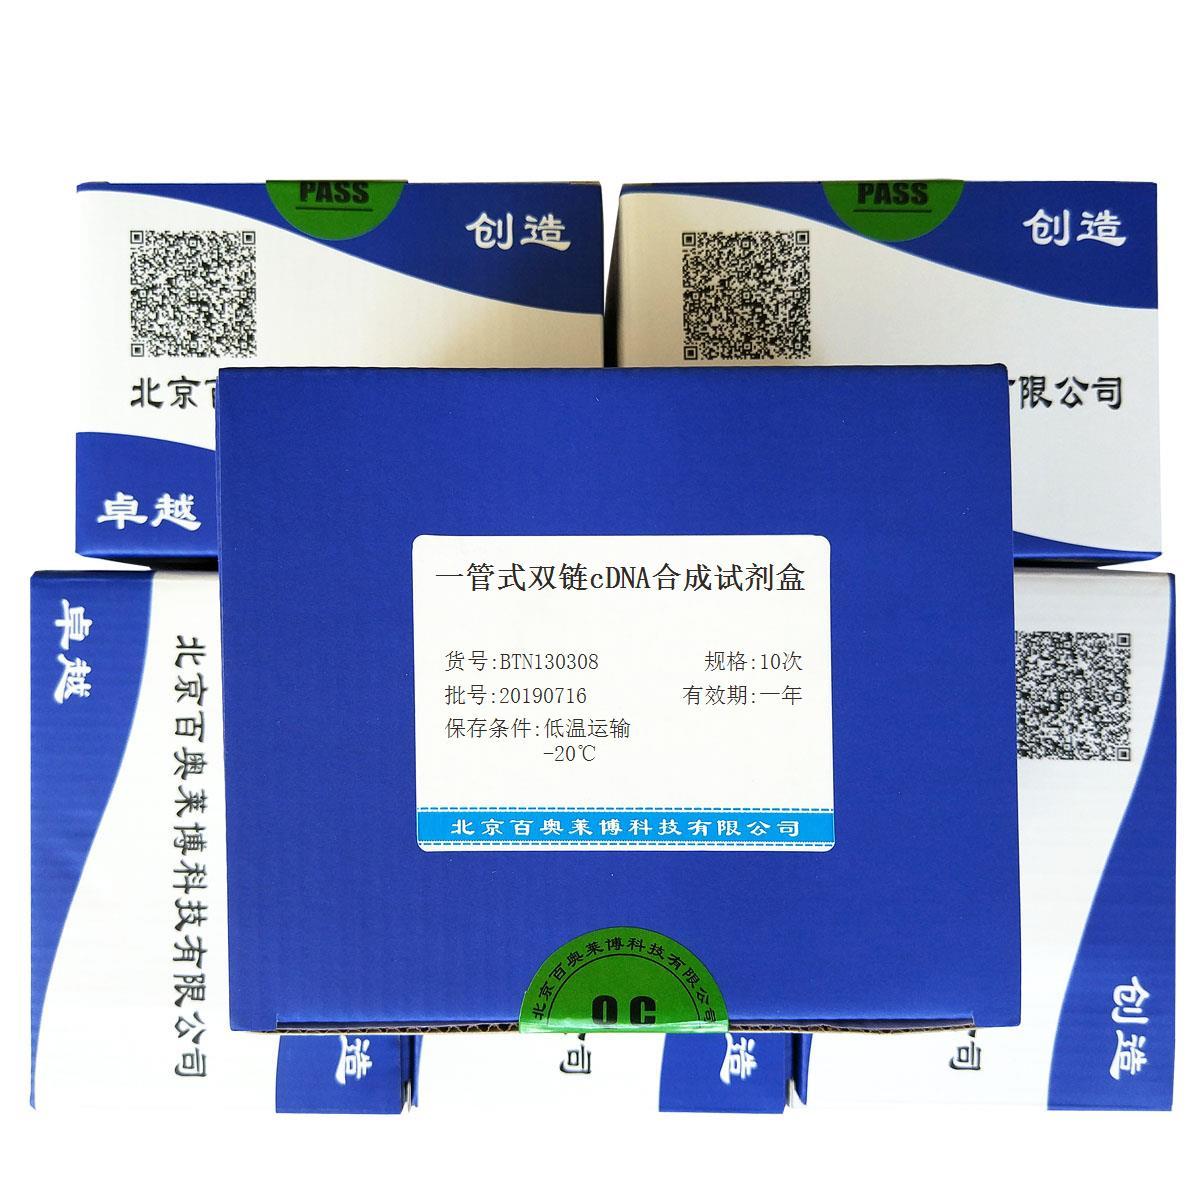 一管式双链cDNA合成试剂盒北京现货